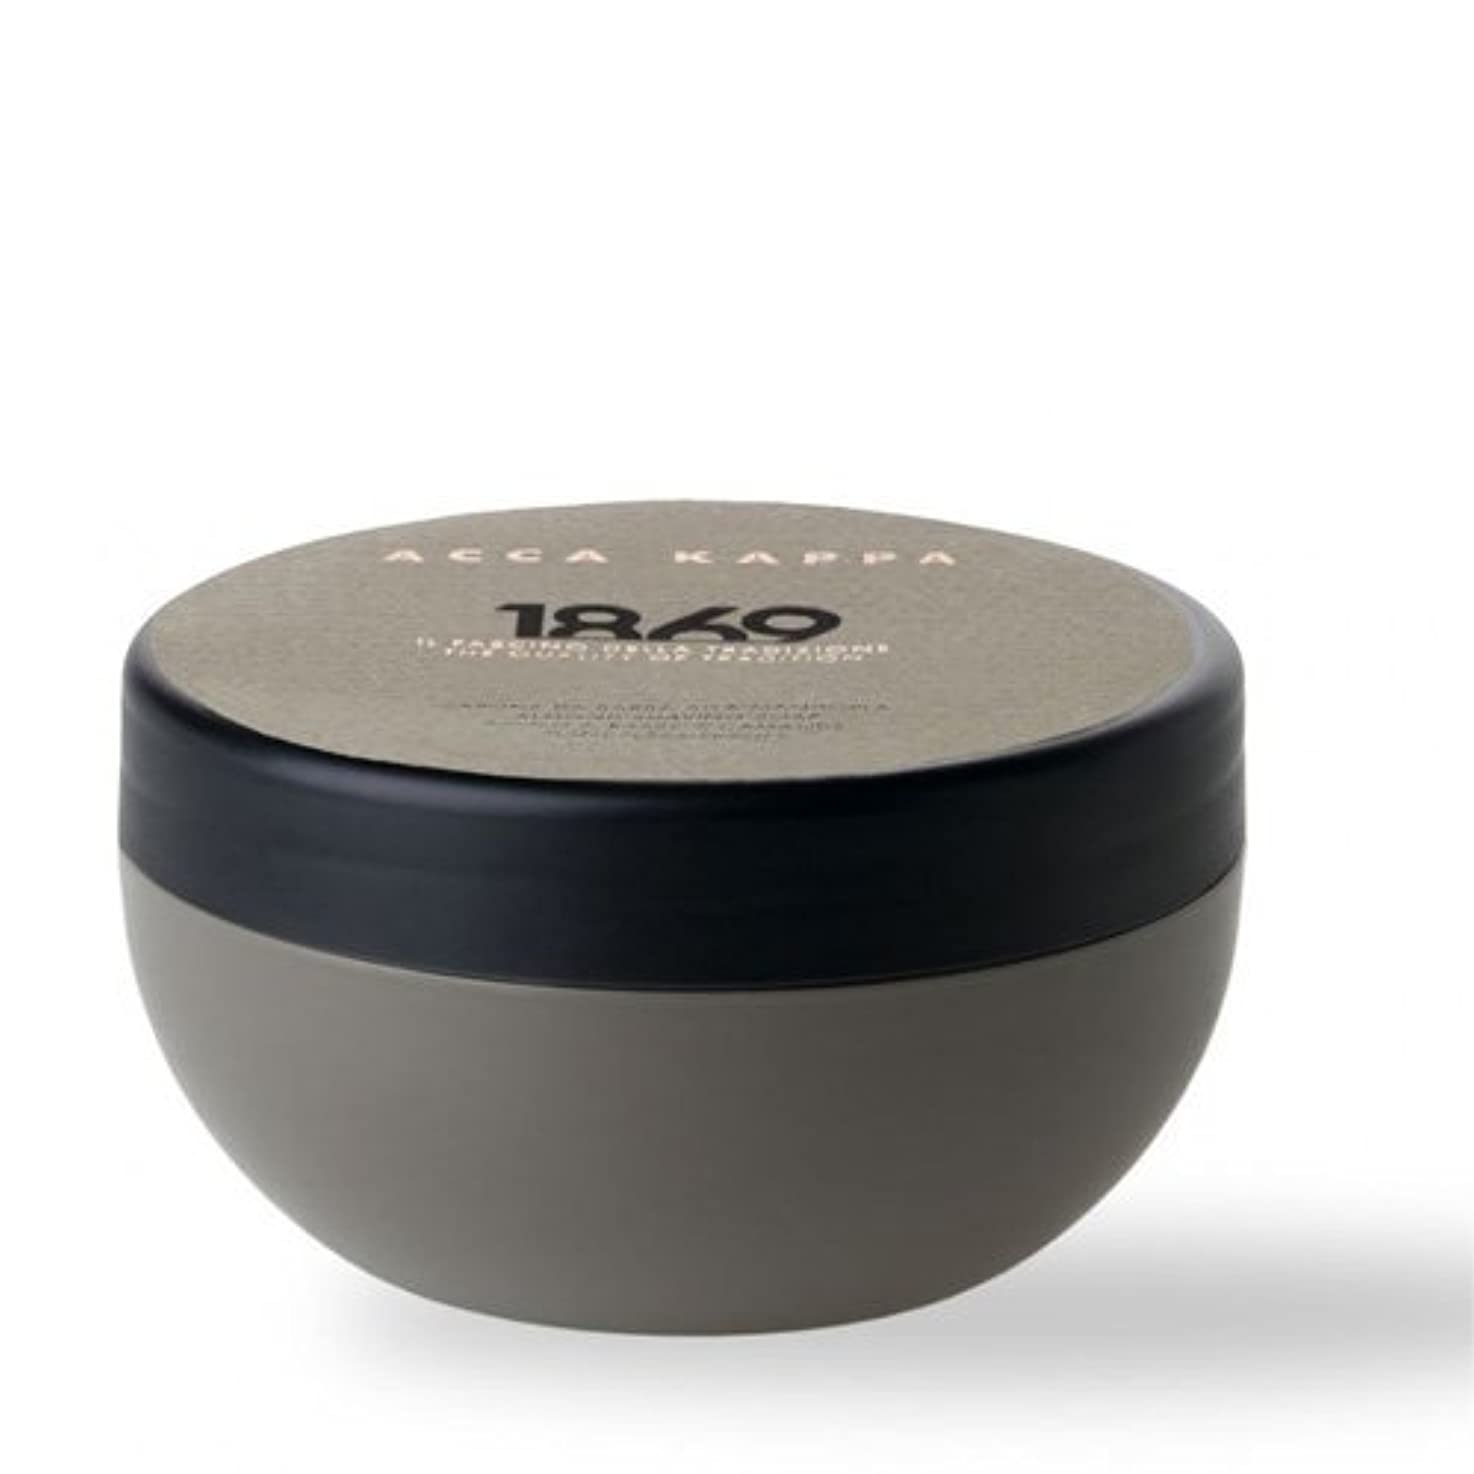 柔和パワーセル狂乱Acca Kappa 1869 Almond Shaving Soap in Bowl [並行輸入品]